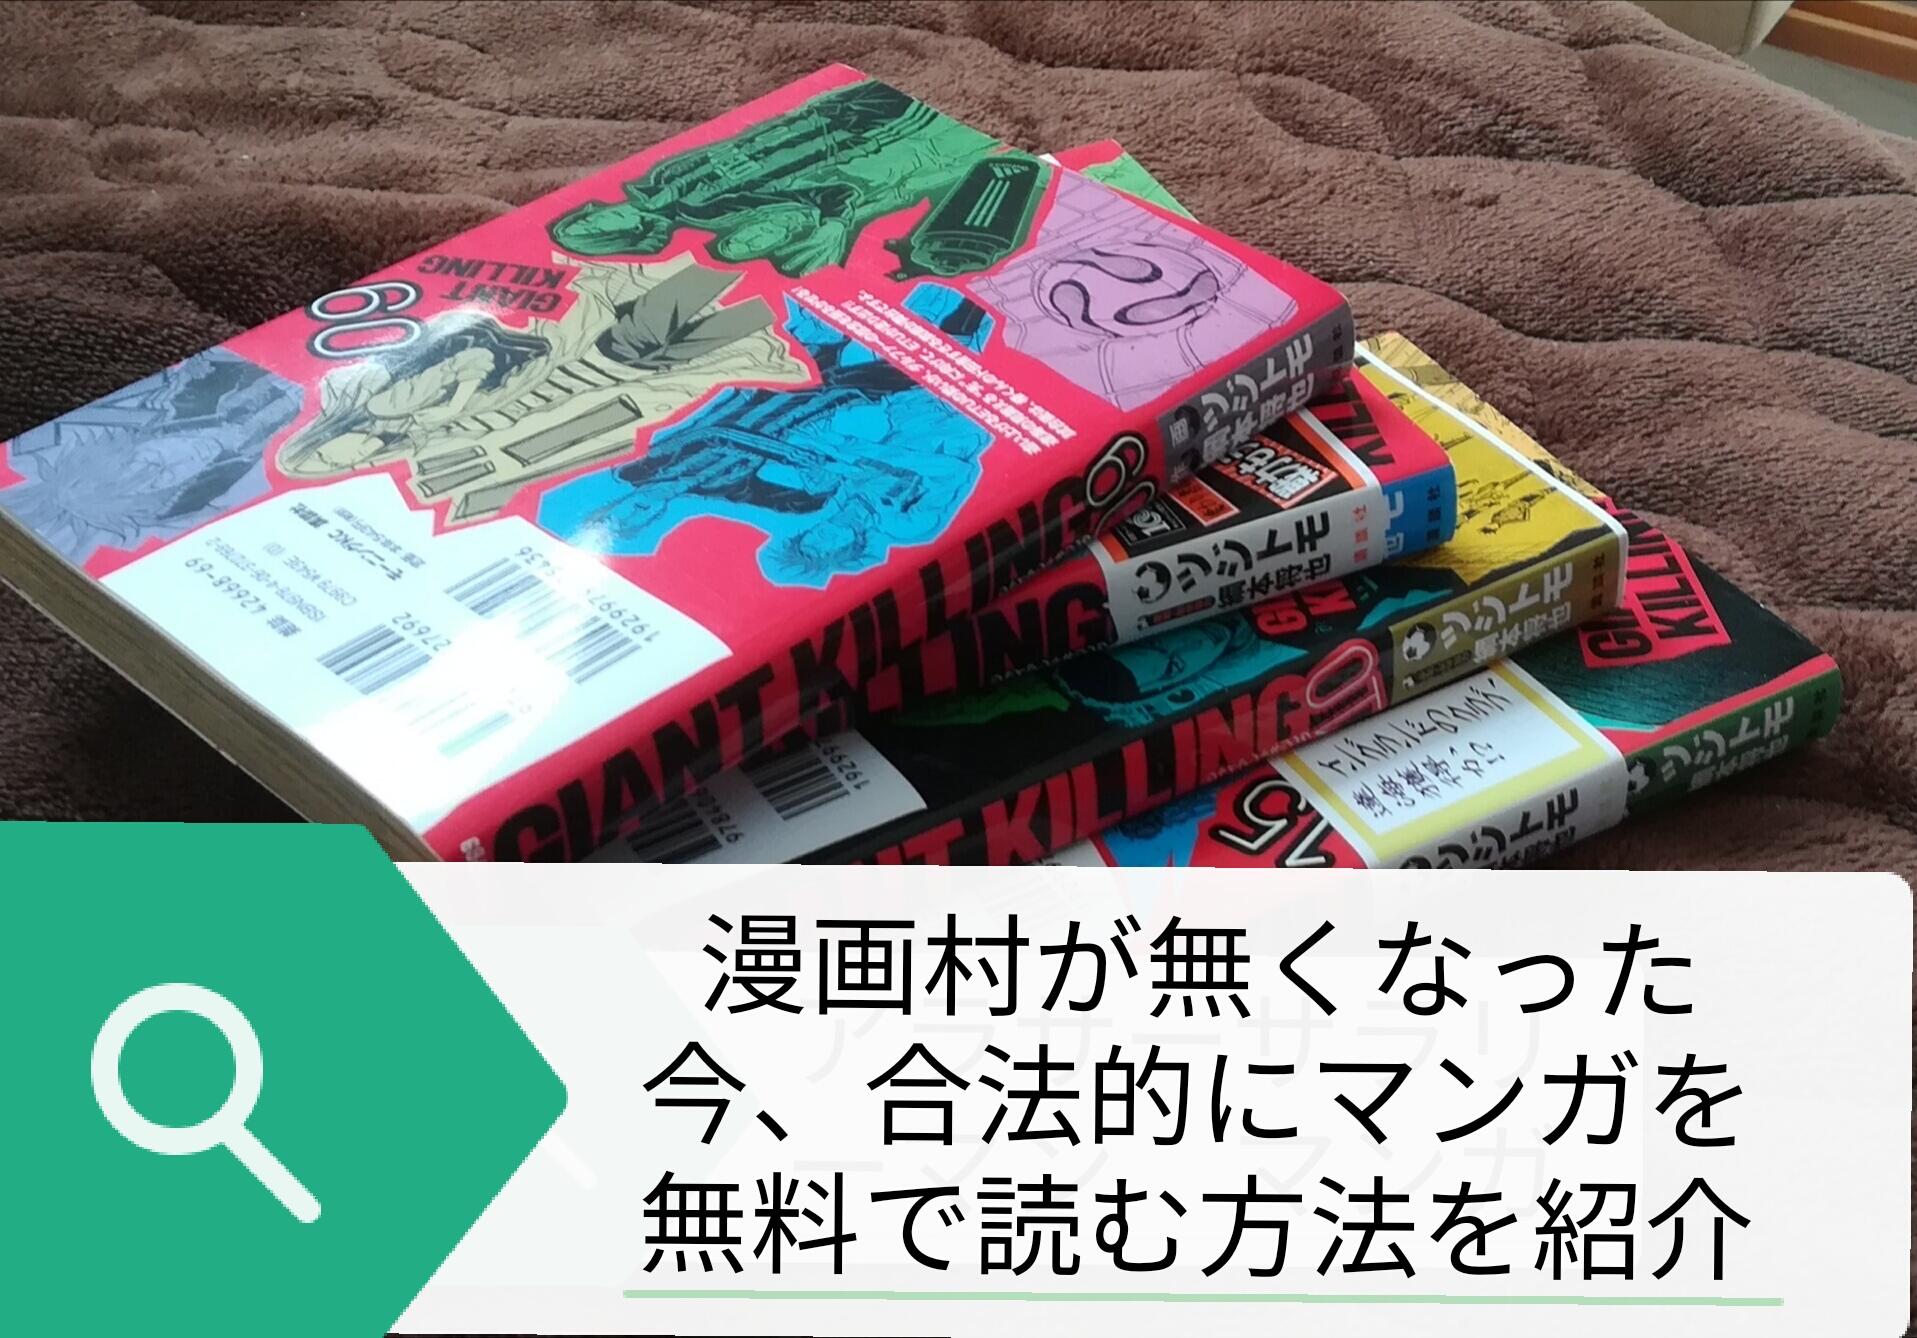 漫画村が無くなった今、合法的にマンガを無料で読む方法をランキングで紹介